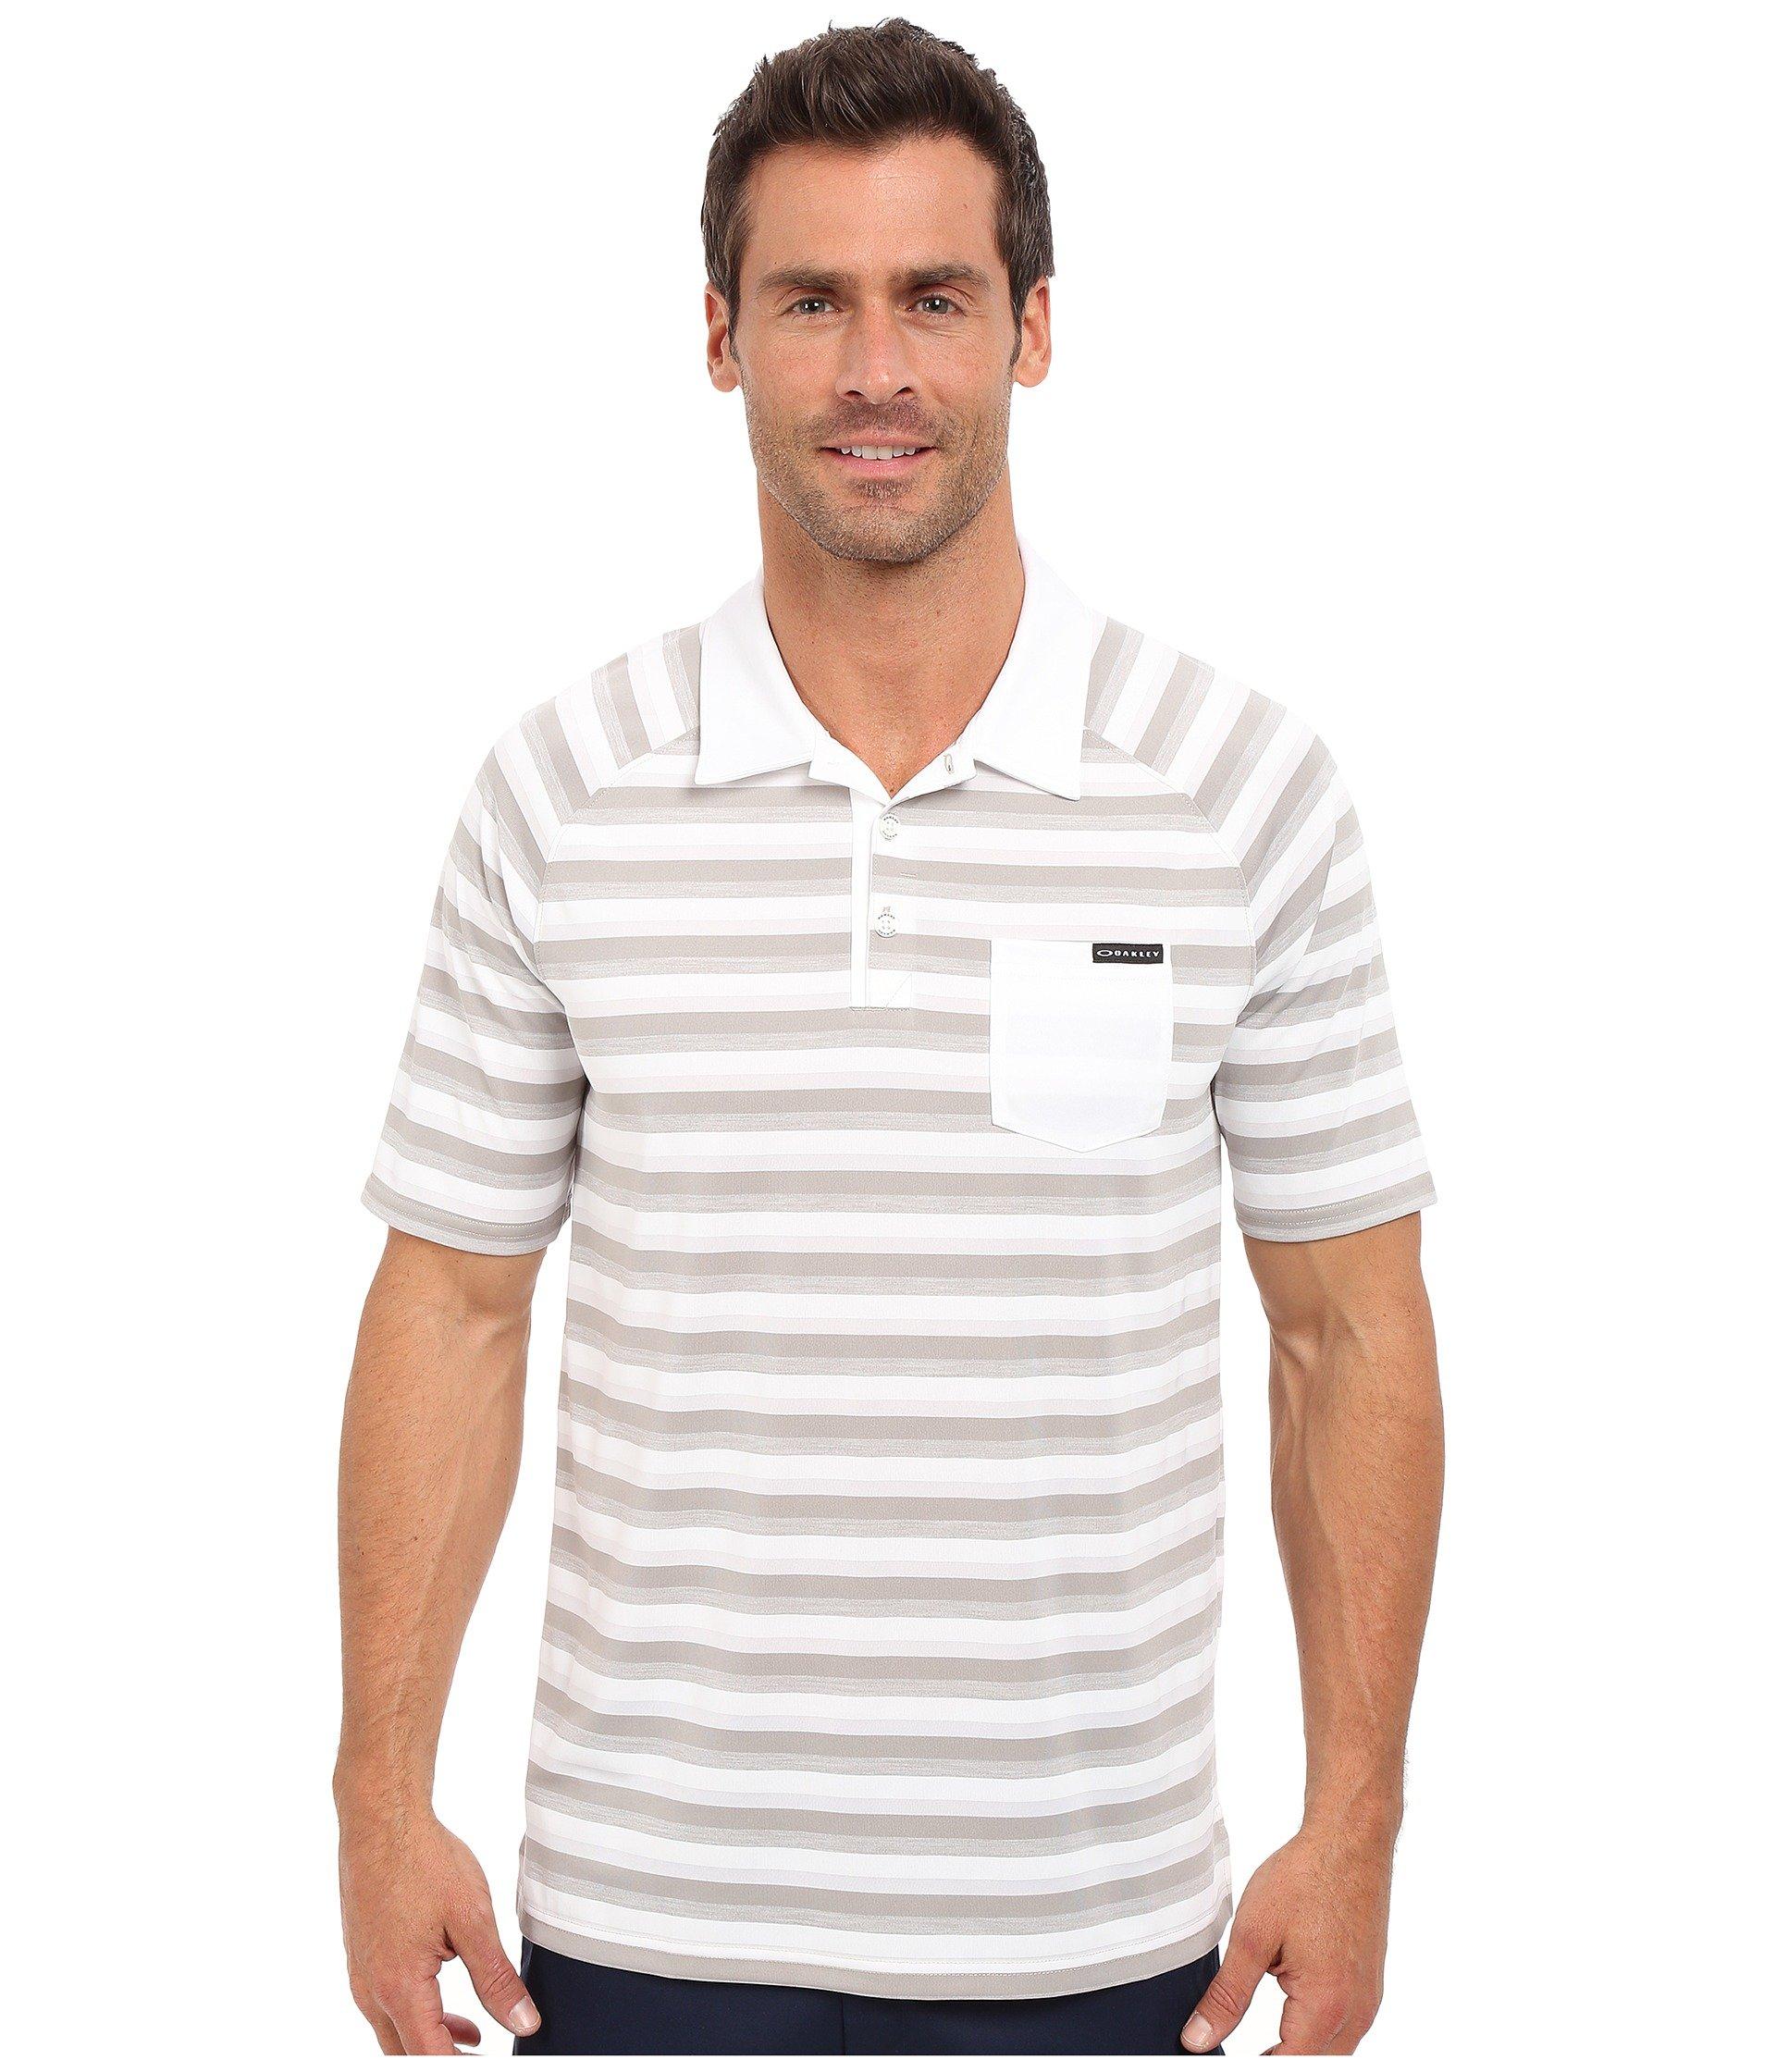 Camiseta Tipo Polo para Hombre Oakley Ace Stripe Polo  + Oakley en VeoyCompro.net